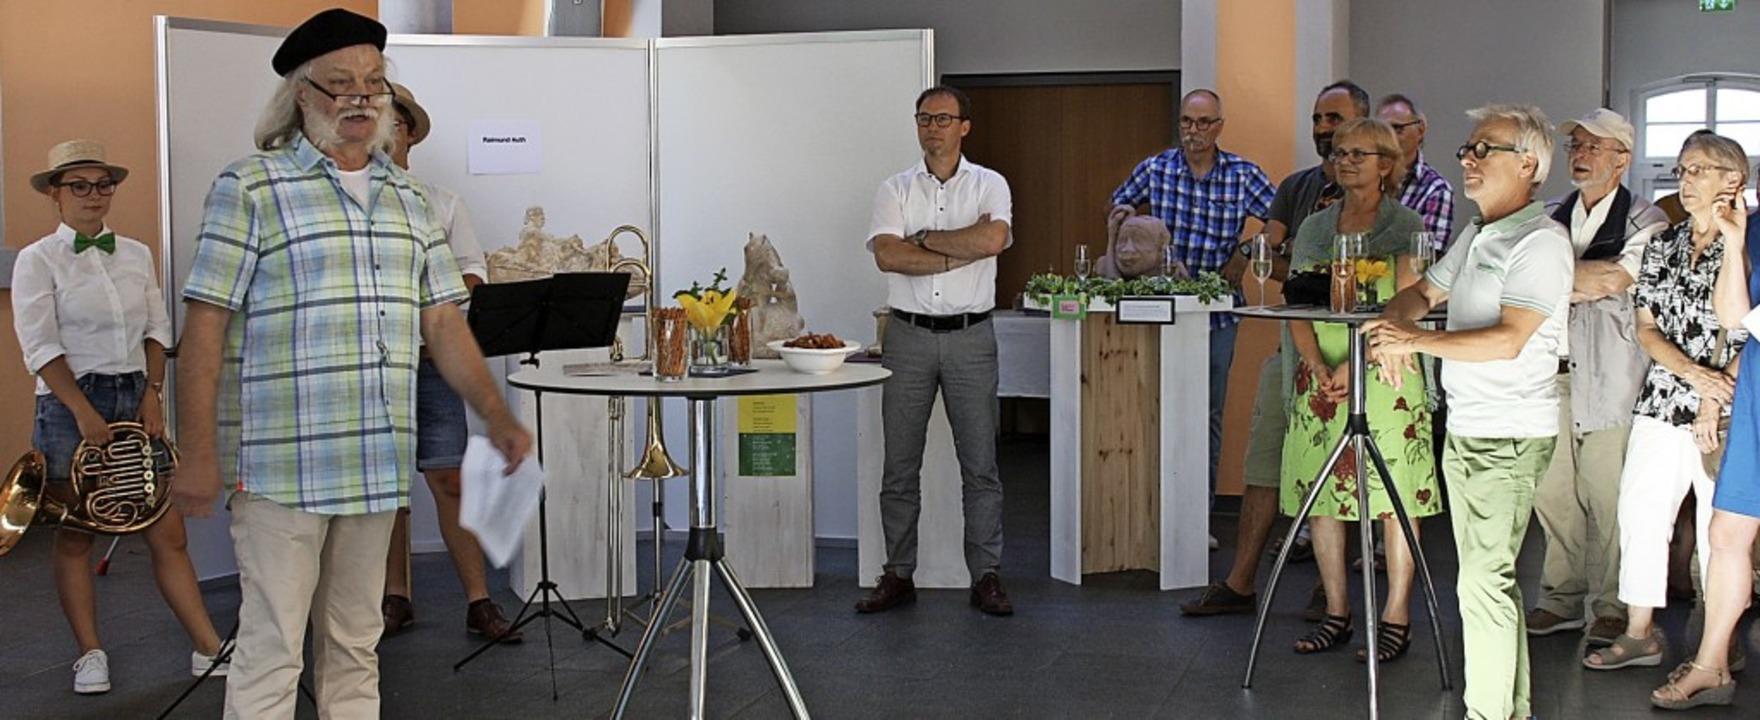 Karl-Heinz Thiel (2. von links) begrüß...der Künstlergruppe bei der Vernissage.  | Foto: Christiane Franz